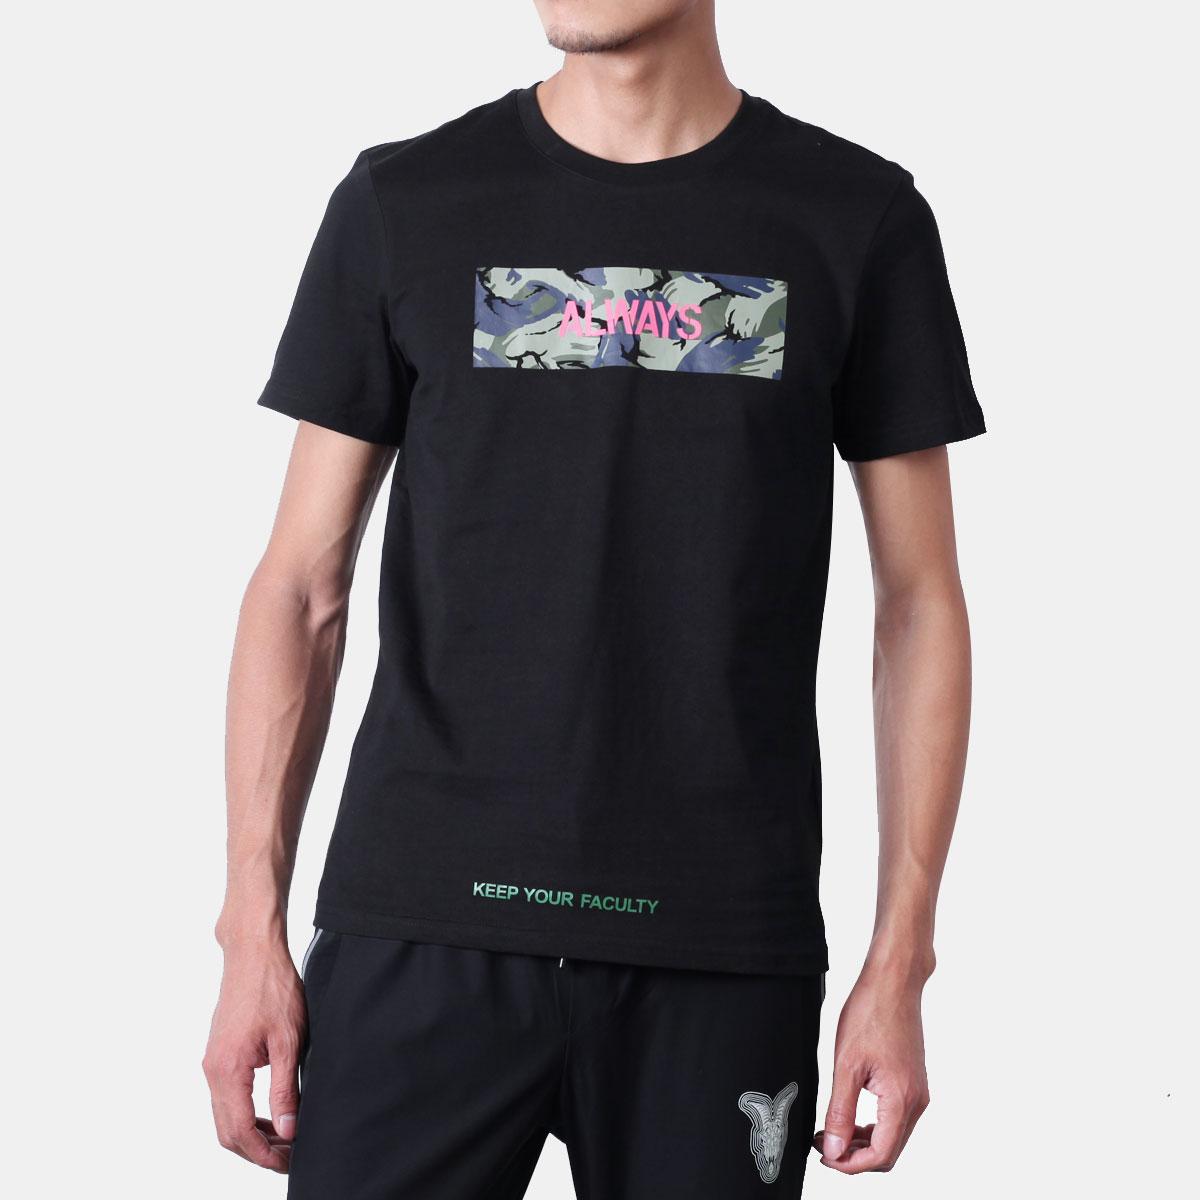 夏装短袖T恤男百搭帅气印花青年纯棉新款上衣韩版潮流半袖体恤薄